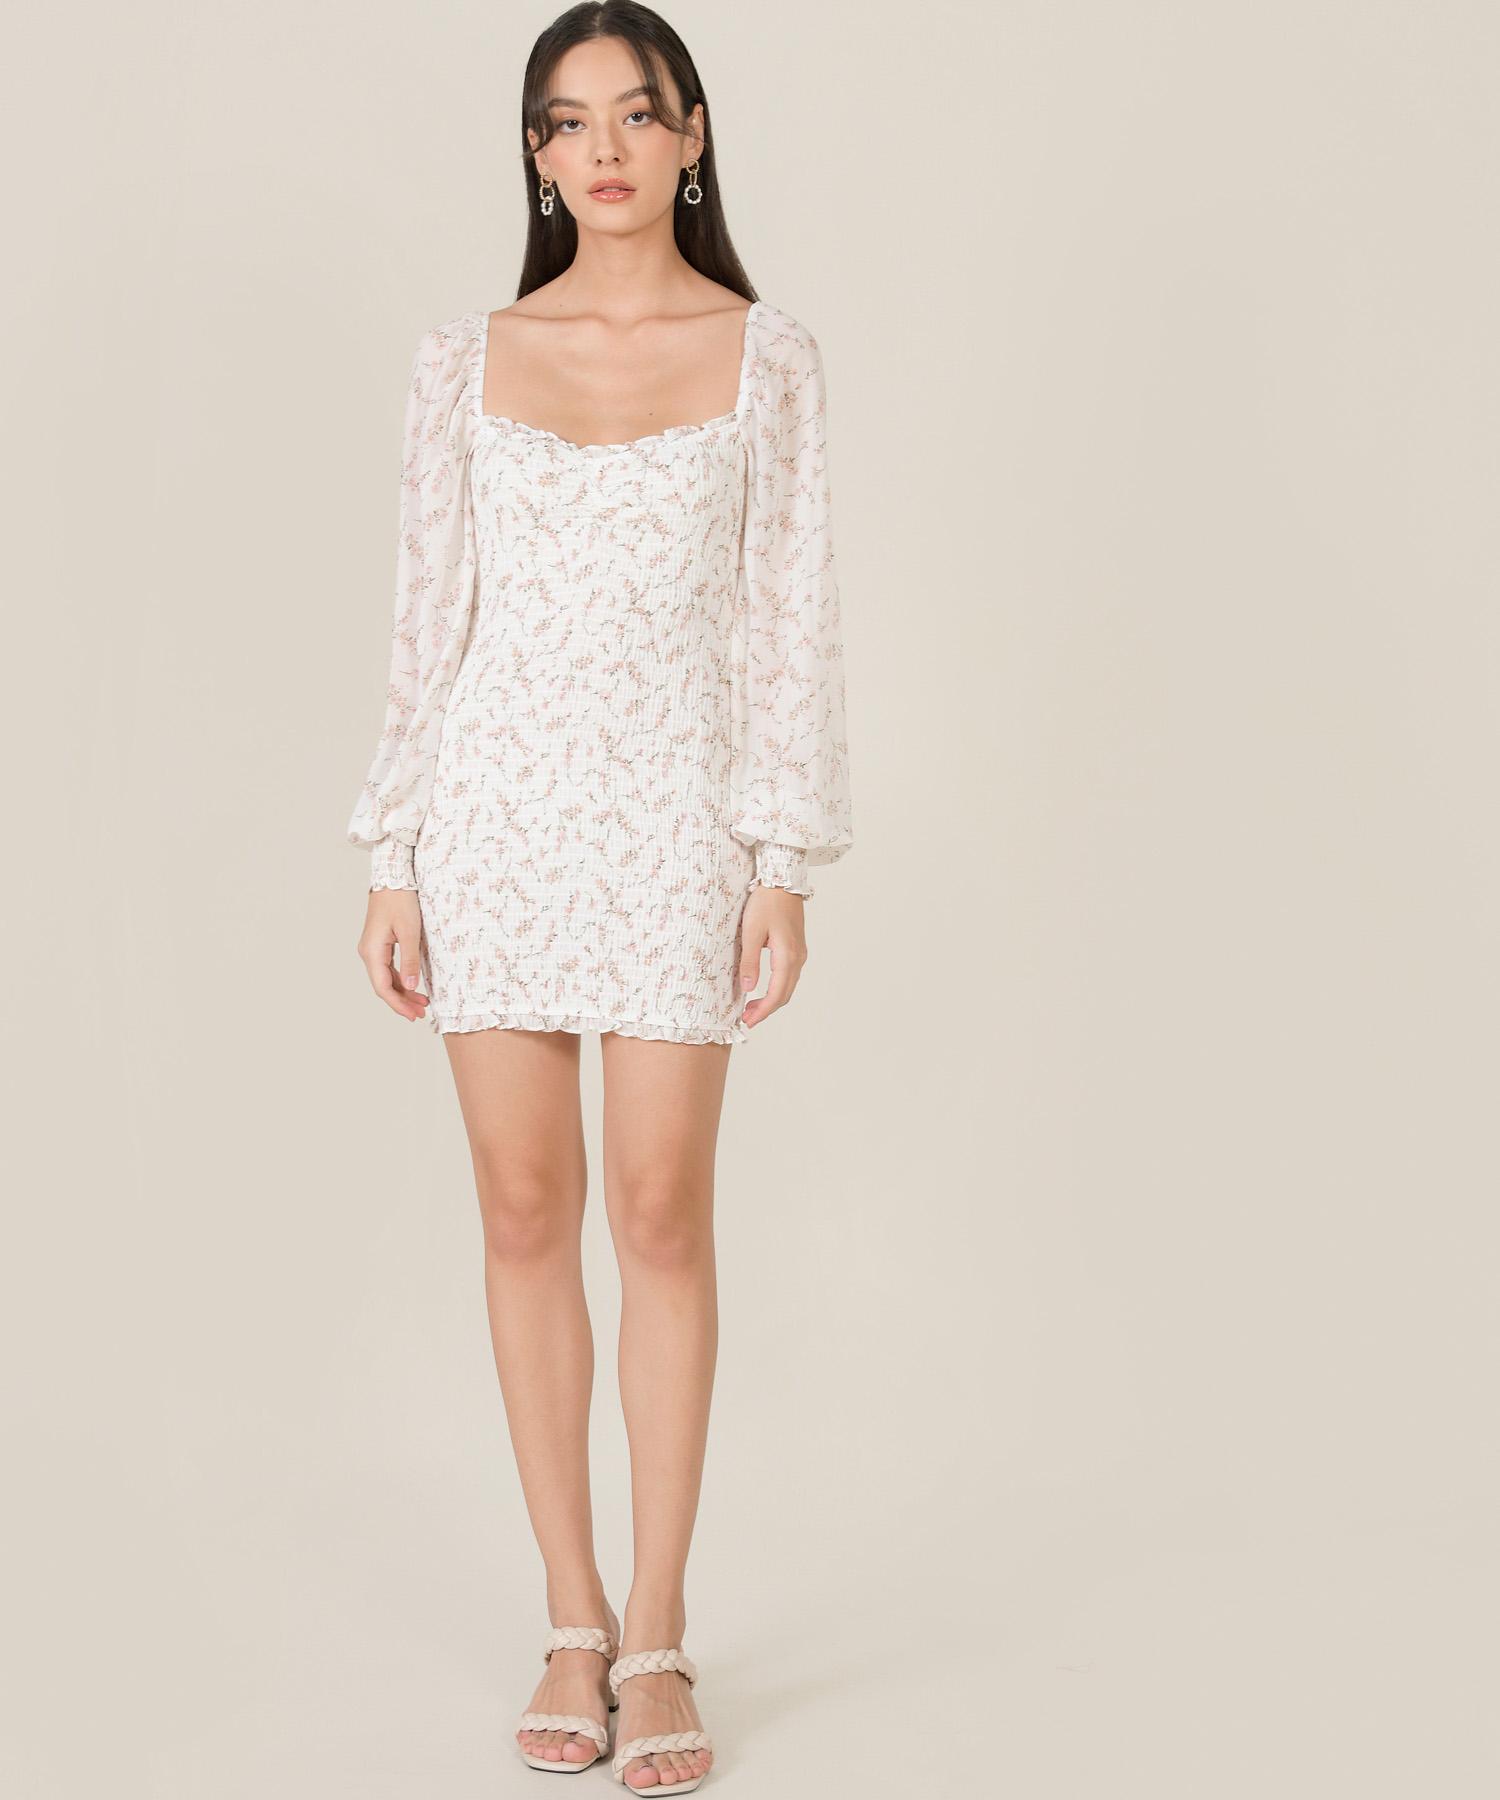 adelia-floral-smocked-dress-white-1